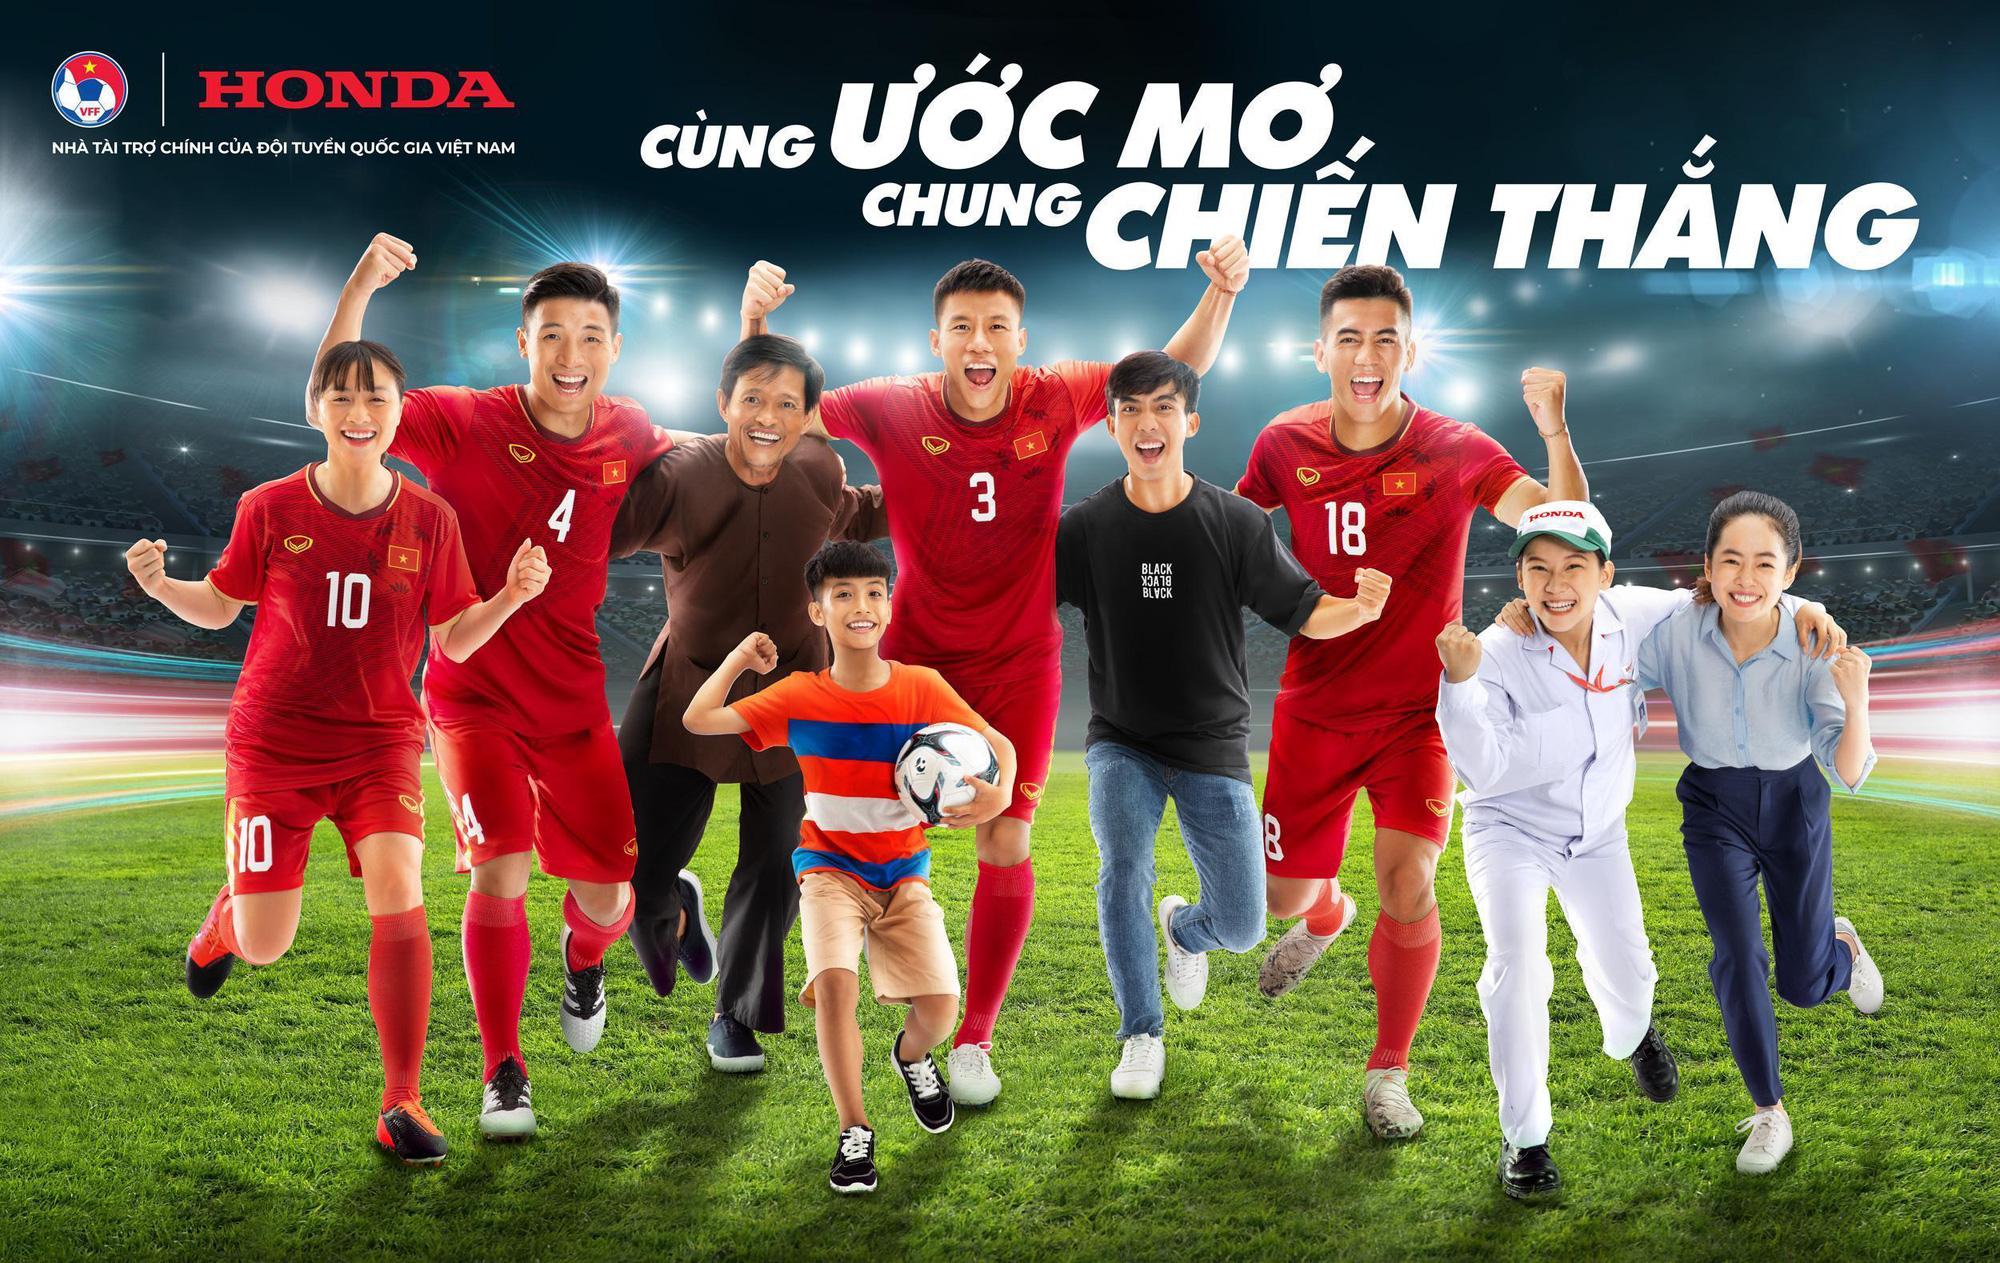 Honda Việt Nam tiếp tục đồng hành cùng nền bóng đá nước nhà - Ảnh 1.